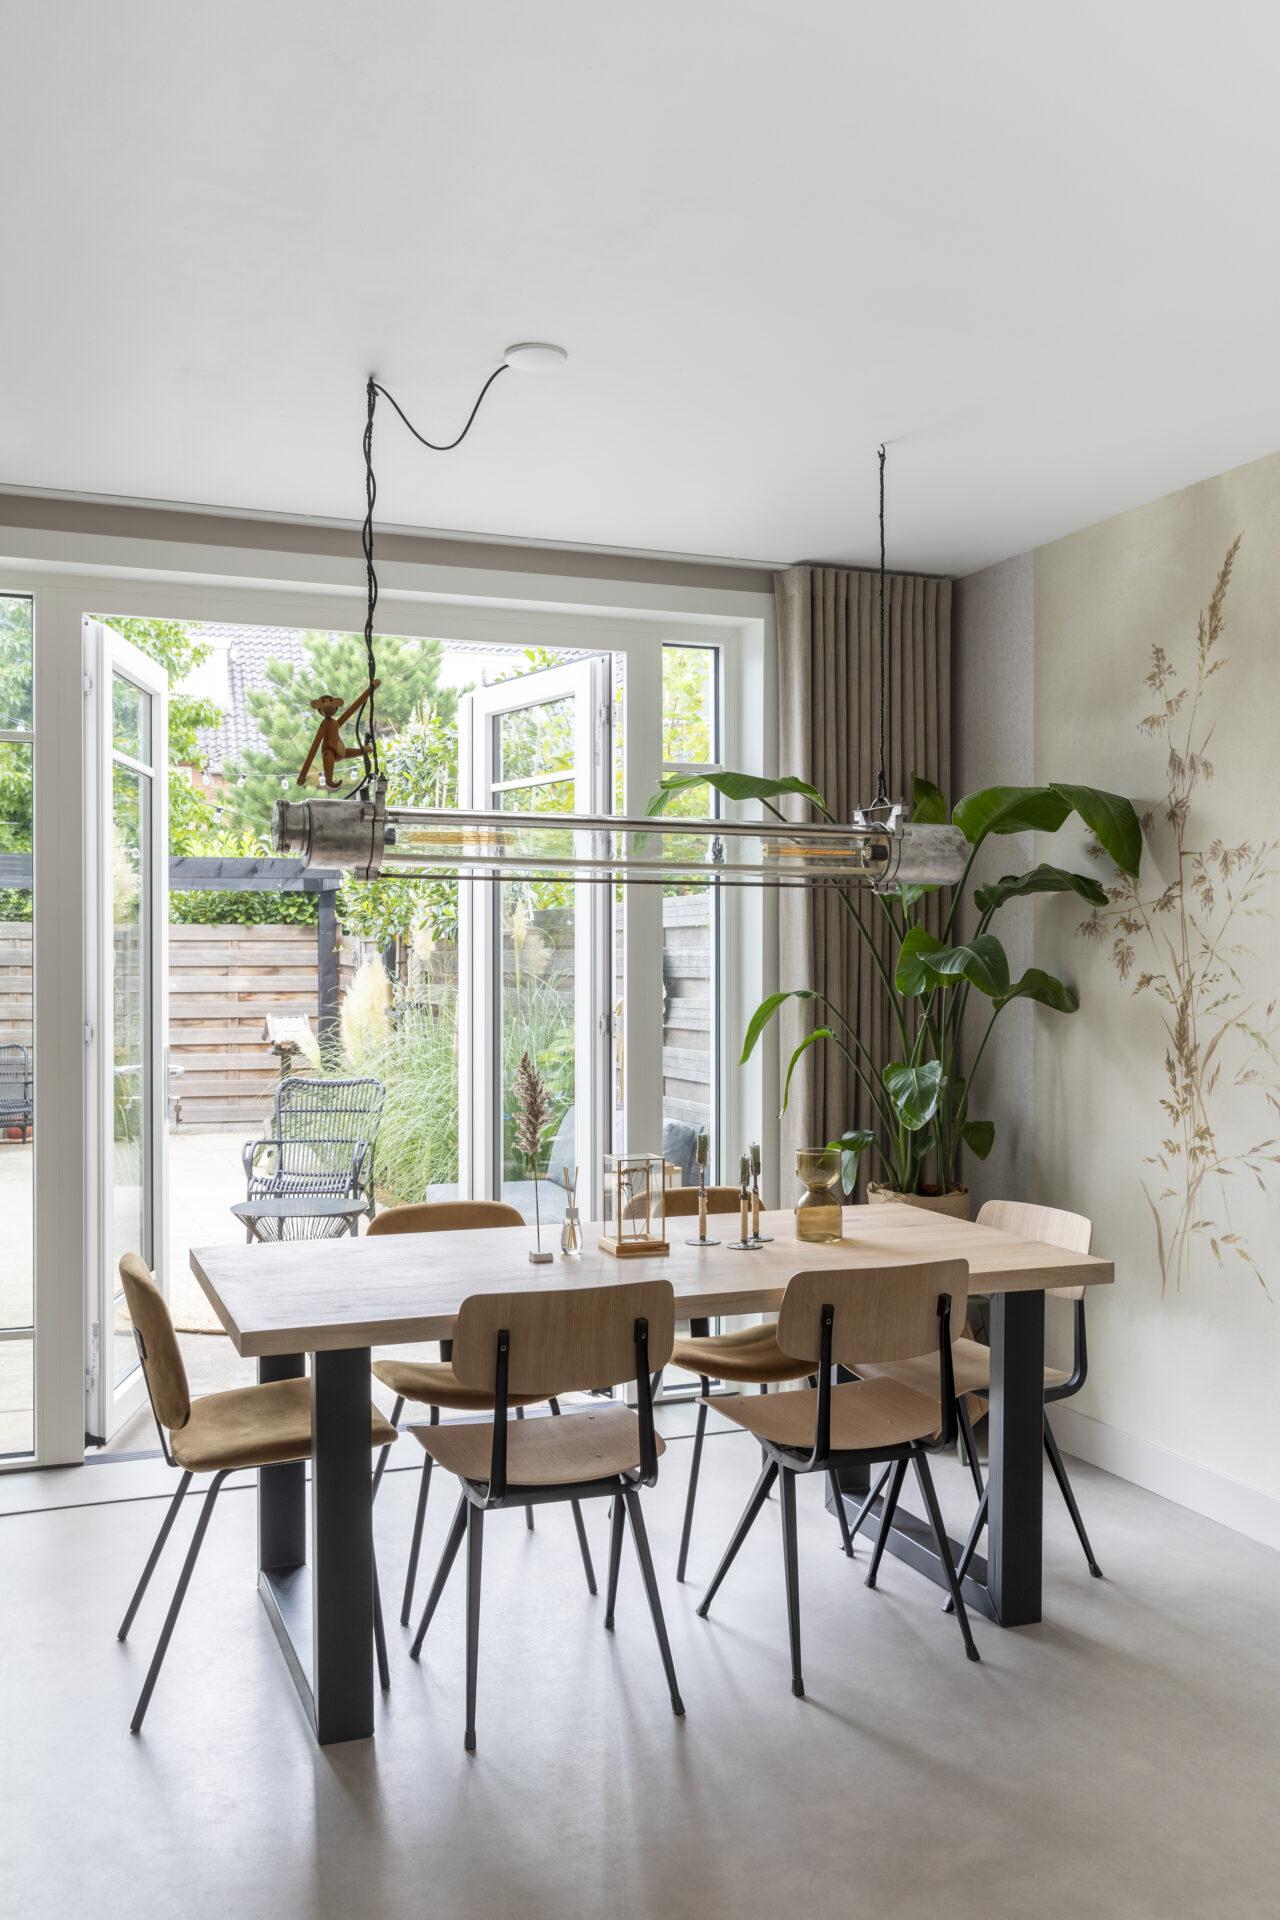 Select Windows kunststof kozijnen - vtwonen weer verliefd op je huis in Heemstede